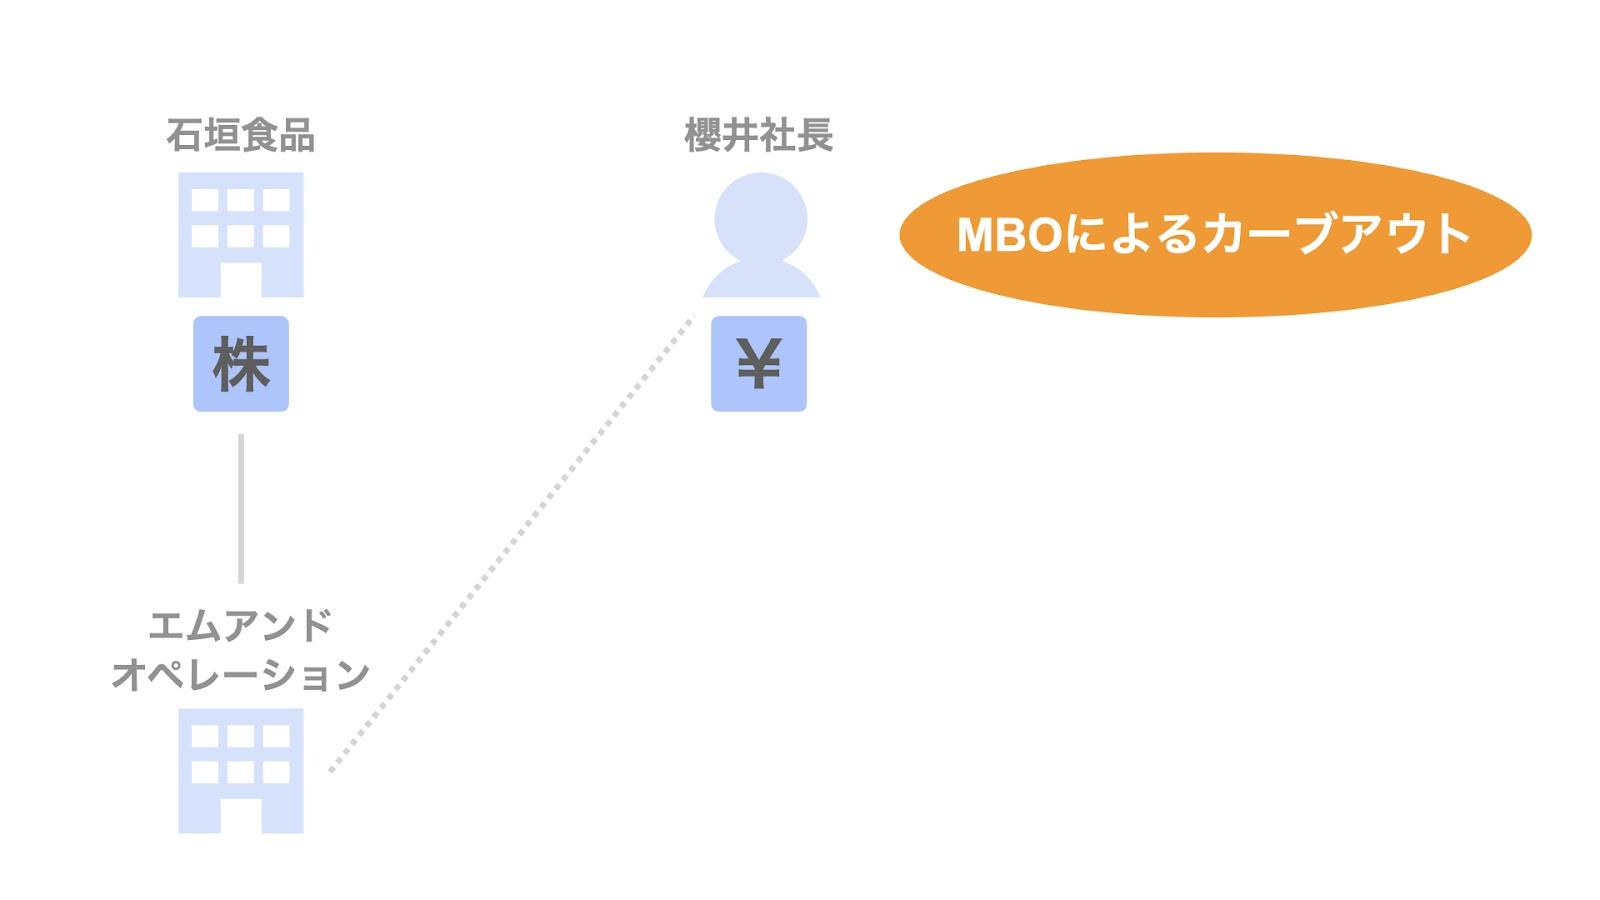 石垣食品子会社のMBOによるカーブアウトの概要